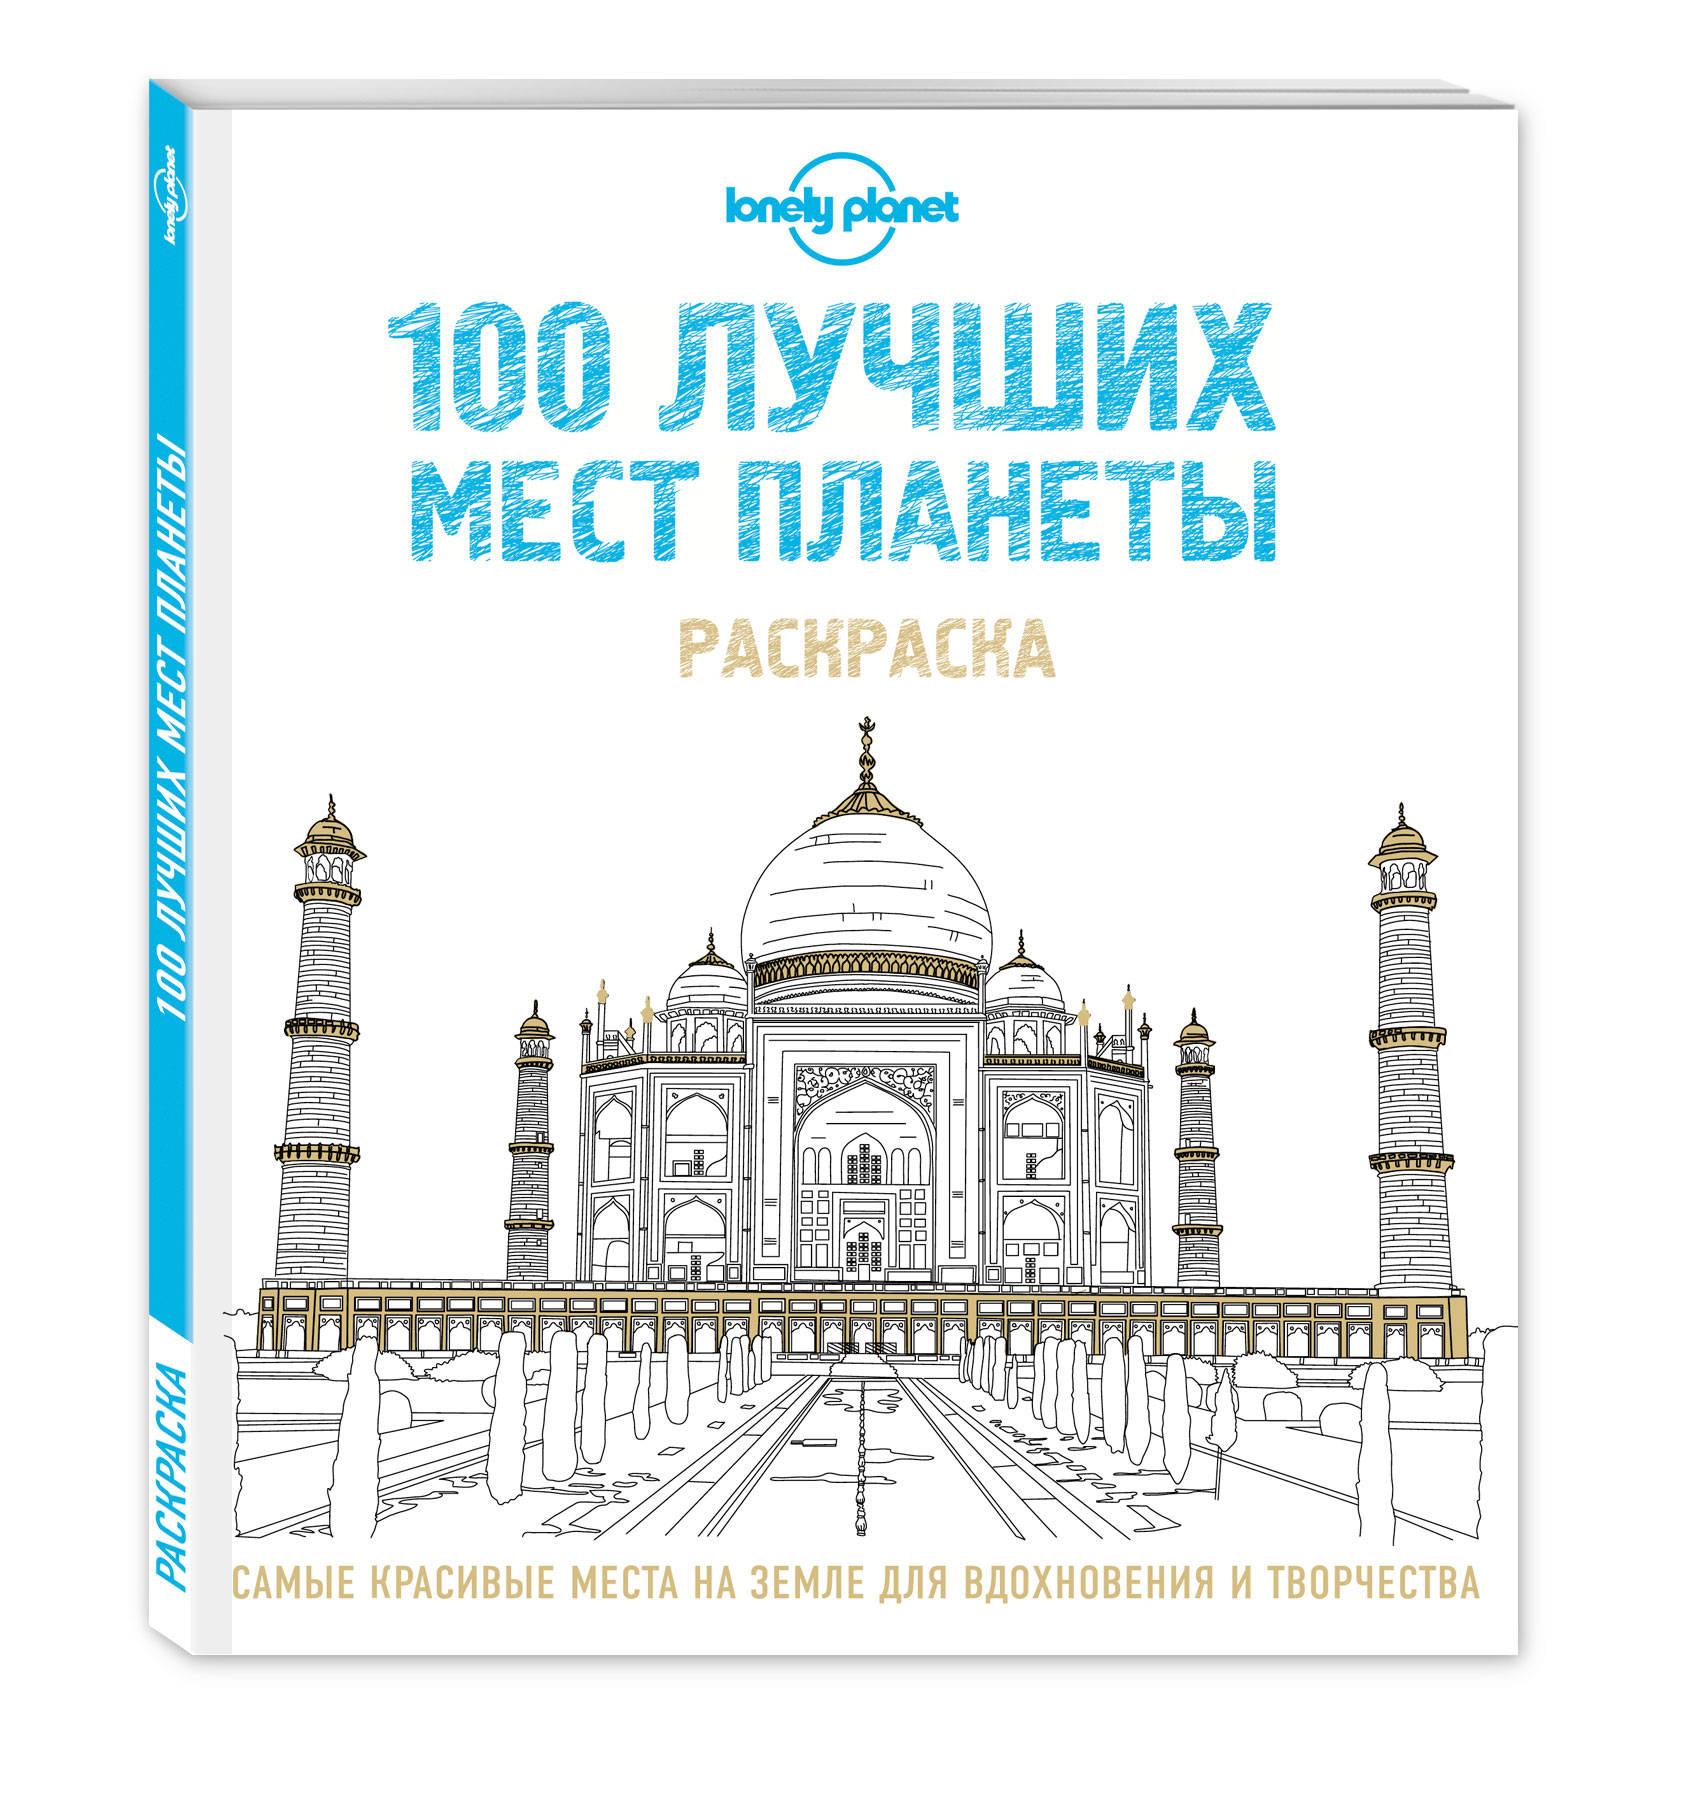 100 лучших мест планеты. Раскраска (Lonely Planet) коул дж 100 лучших мест планеты раскраска